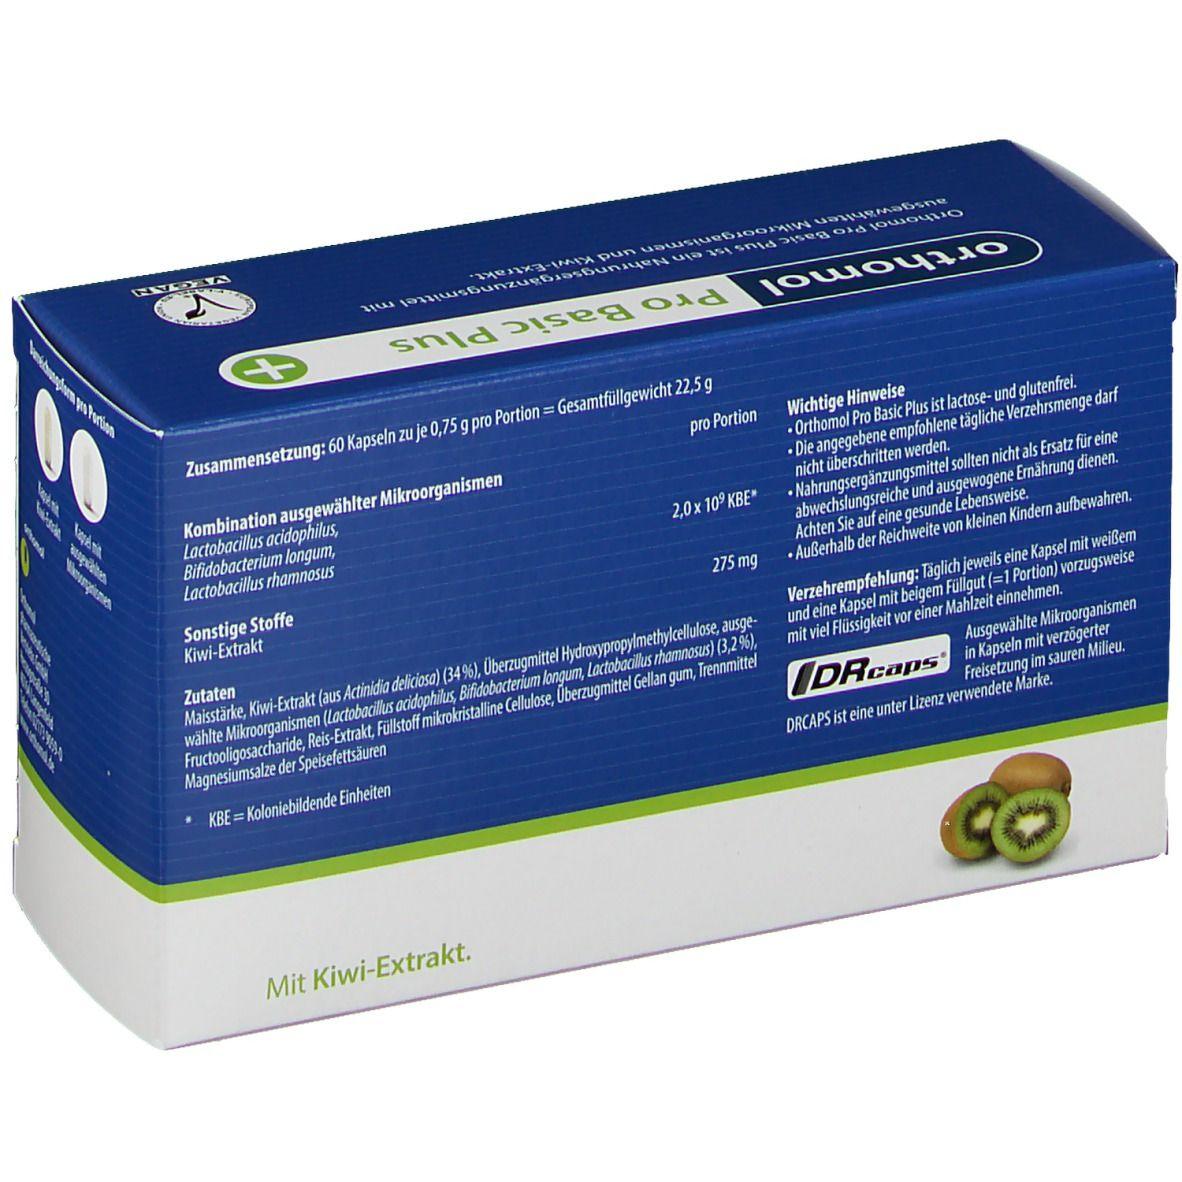 Orthomol Pro Basic Plus Kapseln